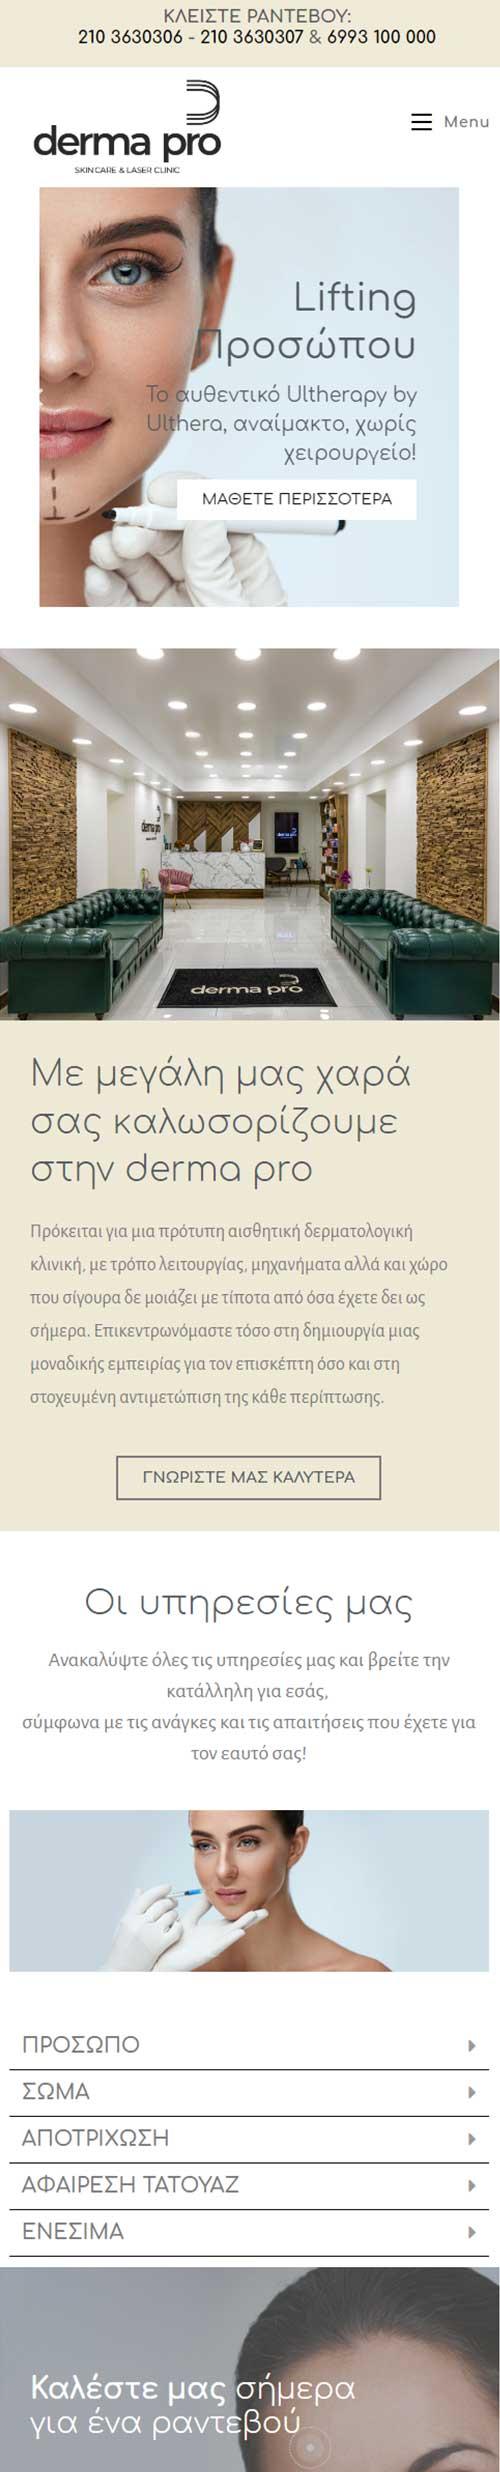 ιστοσελίδων dermapr resp 01